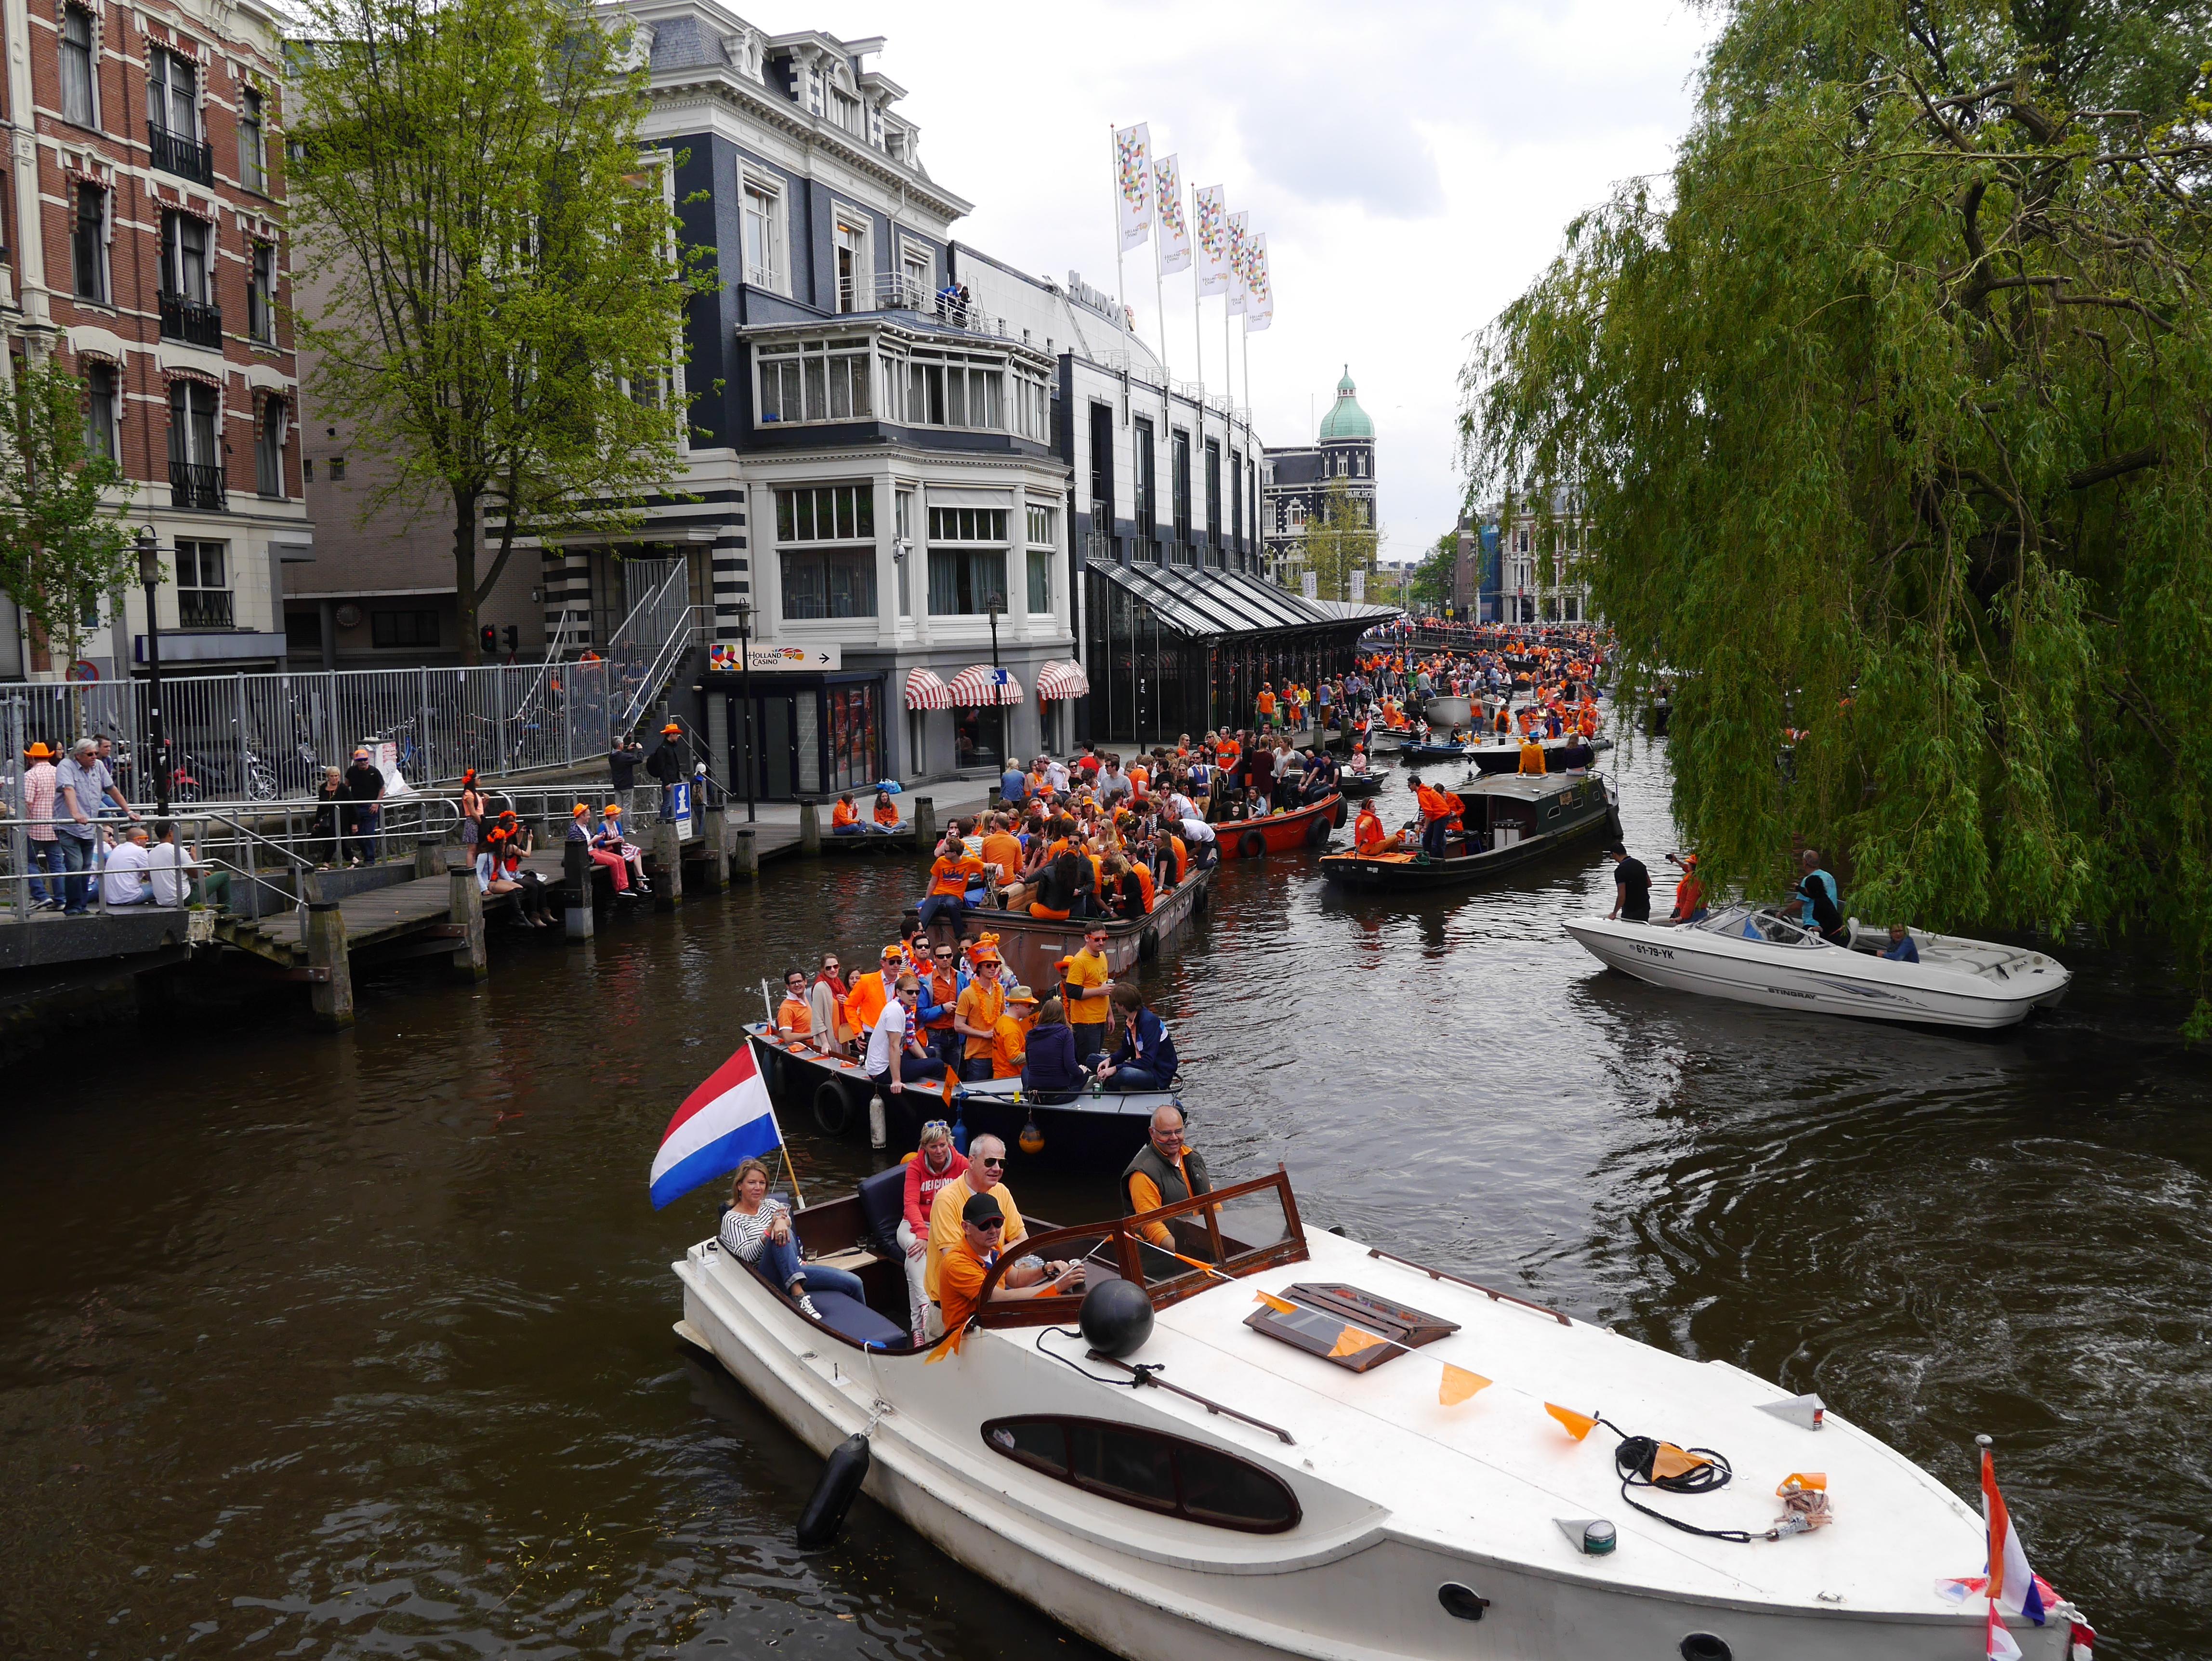 每年四月荷蘭人都瘋狂的國王節怎麼玩? 完整介紹與攻略都在這裡!